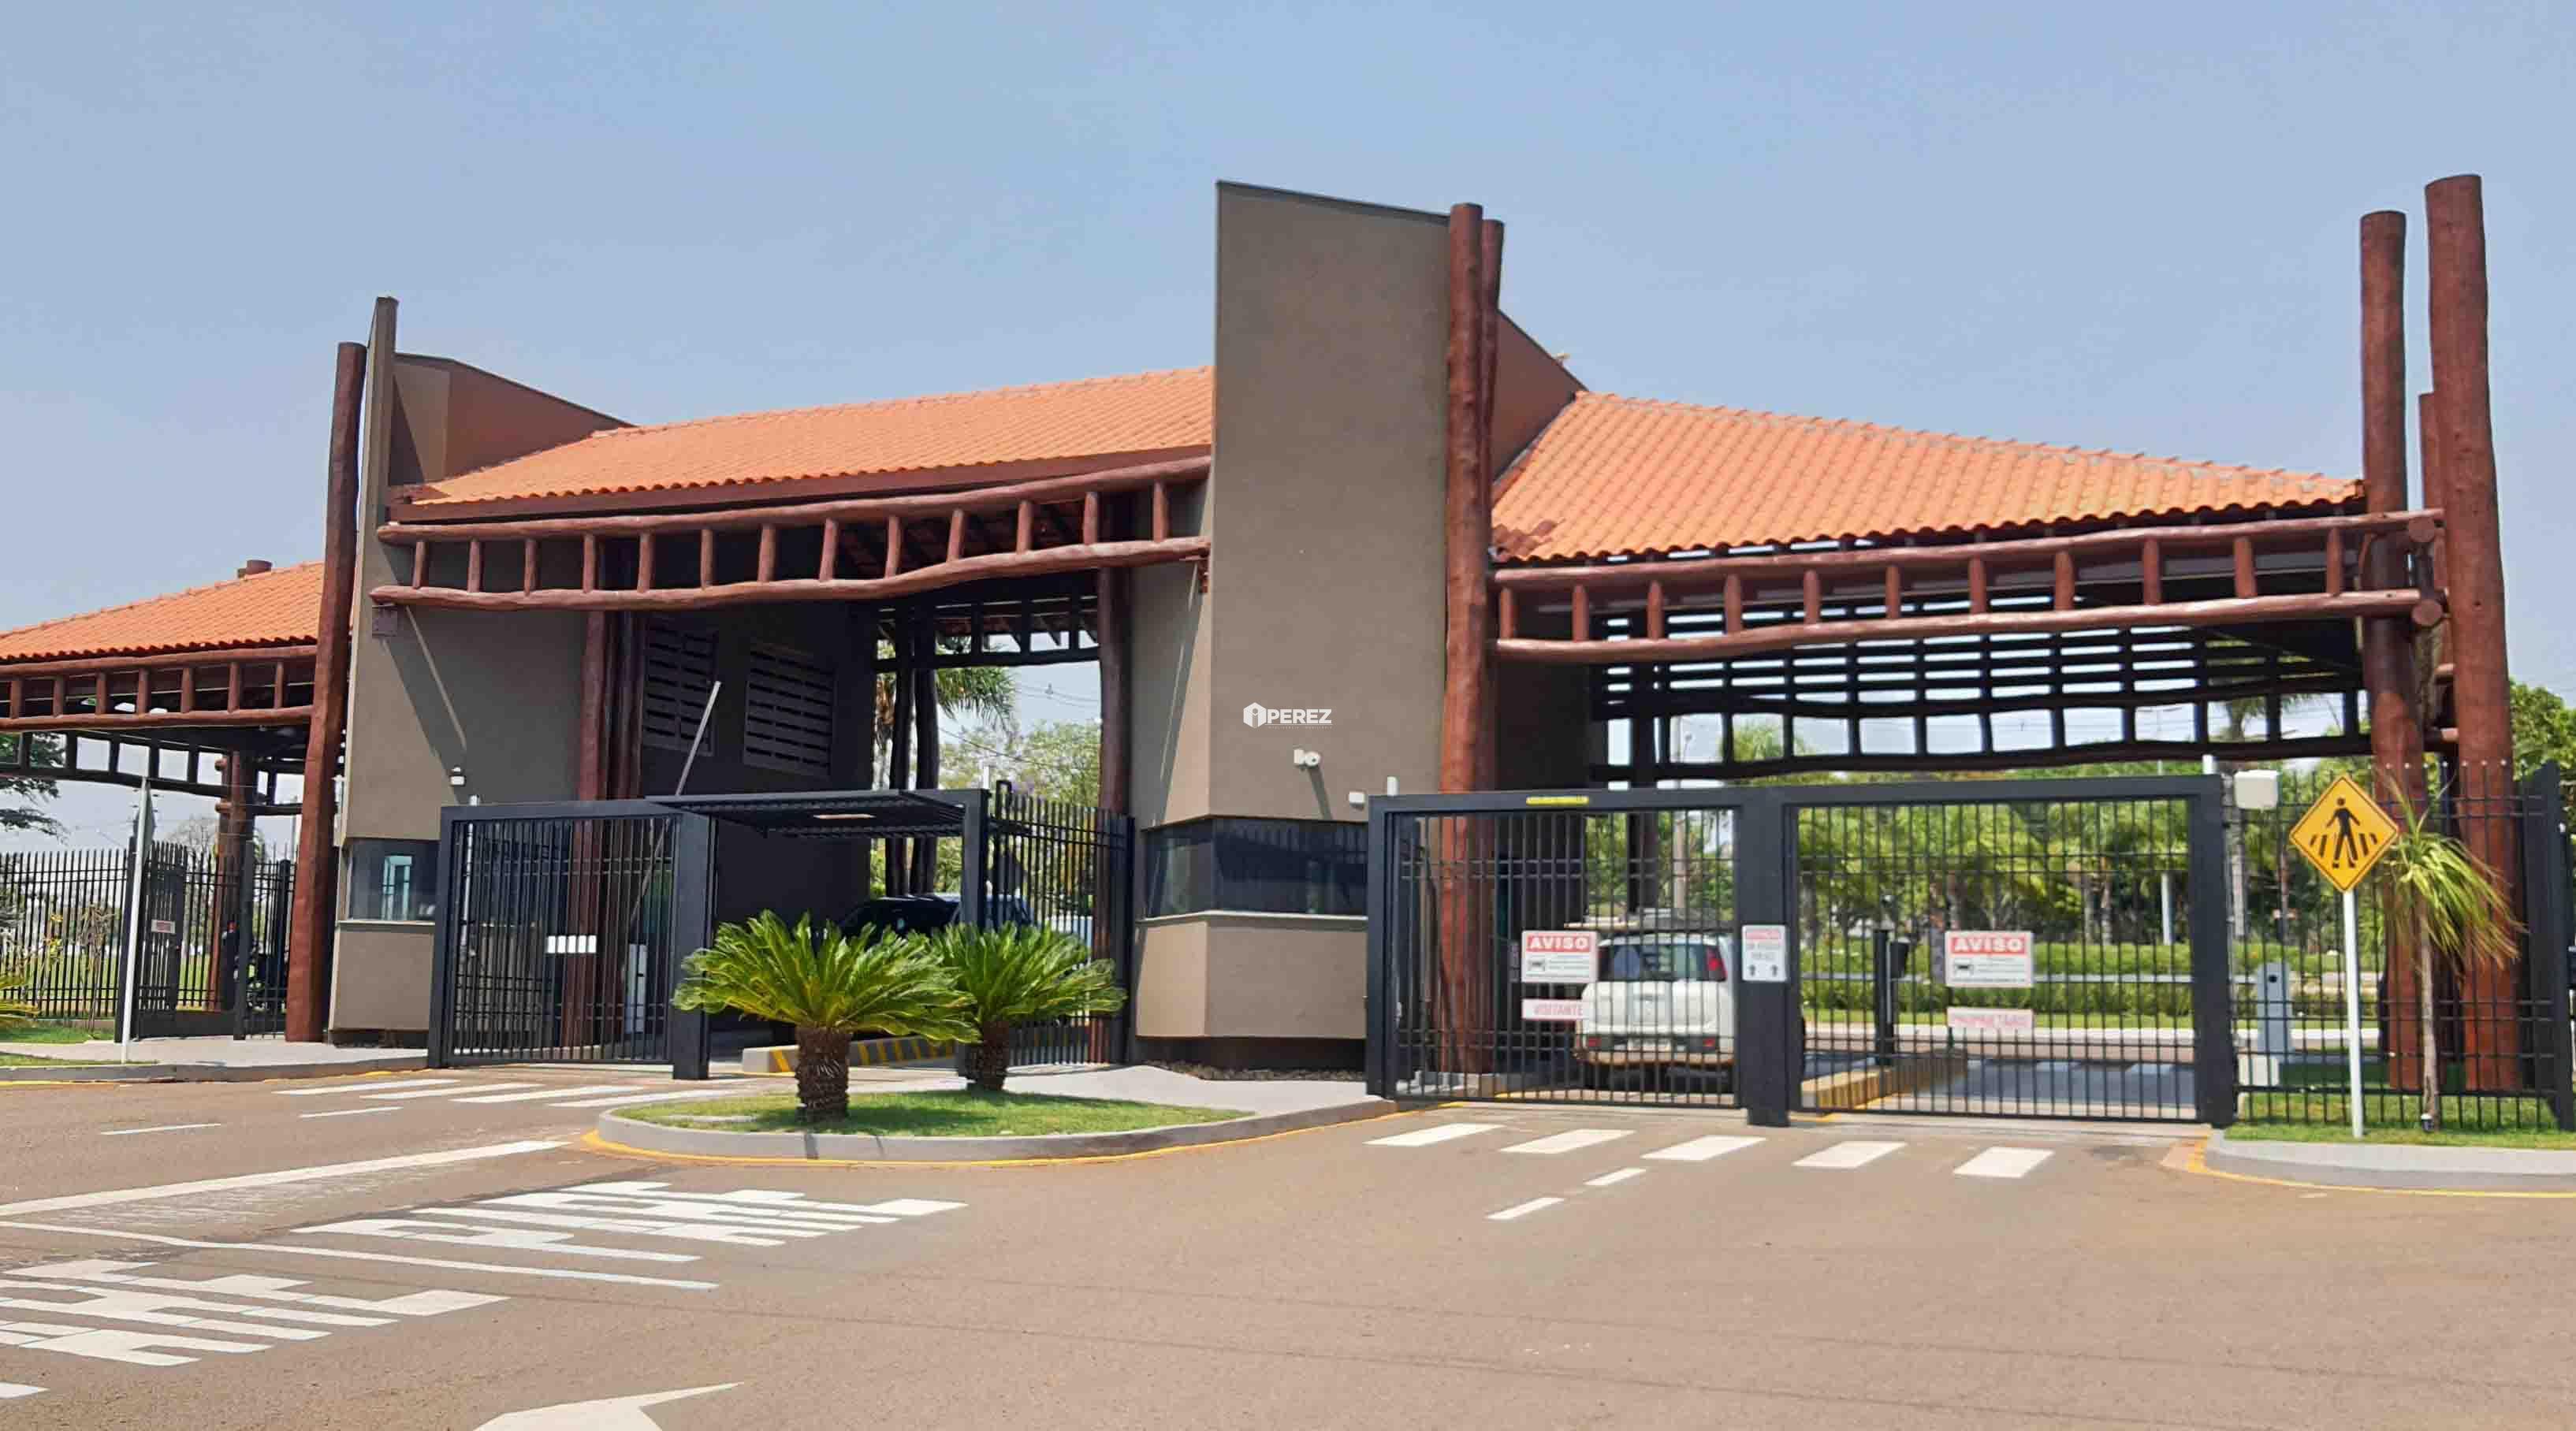 venda-campo-grande-ms-loteamentocondominio-br-262-terras-do-golfe-perez-imoveis